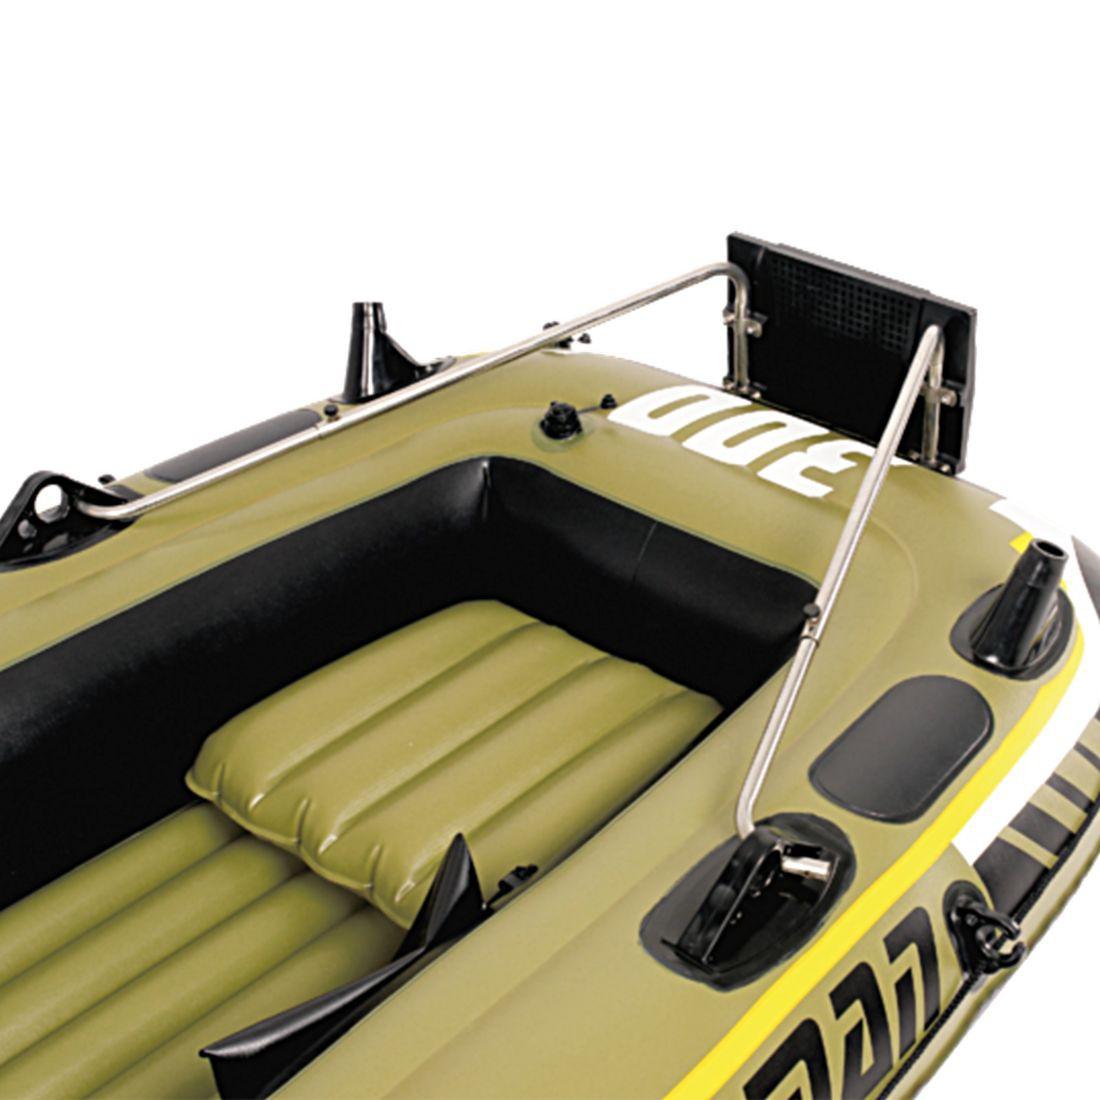 Motor Bracket Fishman I - Heckspiegel, Motorhalterung für Jilong Schlauchboot Serie Fishman I